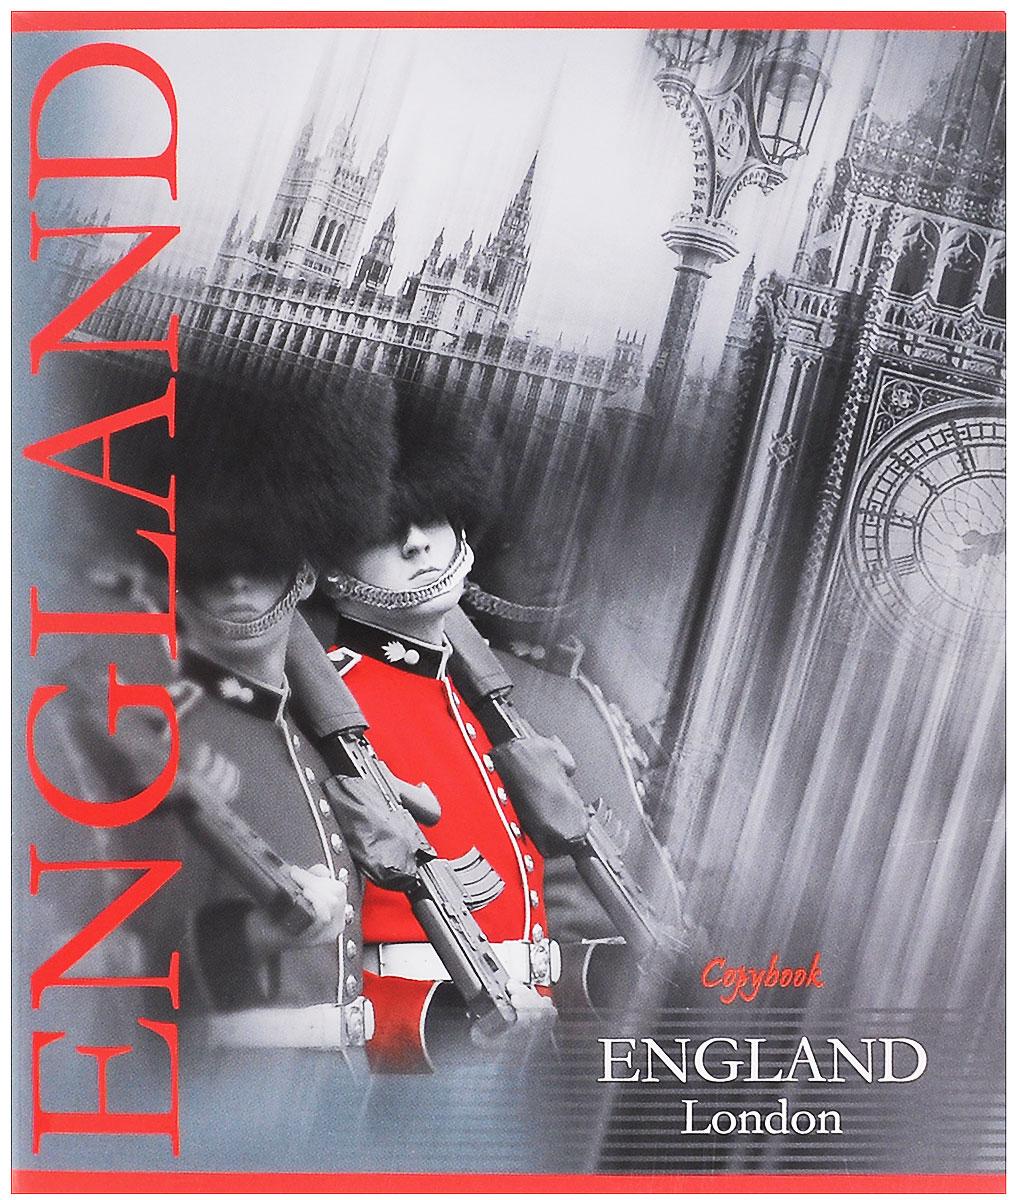 Полиграфика Тетрадь Лондон. Королевский гвардеец, 60 листов, формат А537596_солдатТетрадь Полиграфика Лондон. Королевский гвардеец подойдет как студенту, так и школьнику. На обложке изображены королевские гвардейцы на фоне исторических зданий Лондона. Внутренний блок тетради состоит из 60 листов белой бумаги. Страницы размечены стандартной линовкой в голубую клетку и дополнены полями, совпадающими с лицевой и оборотной стороны листа. Края тетрадей закруглены.